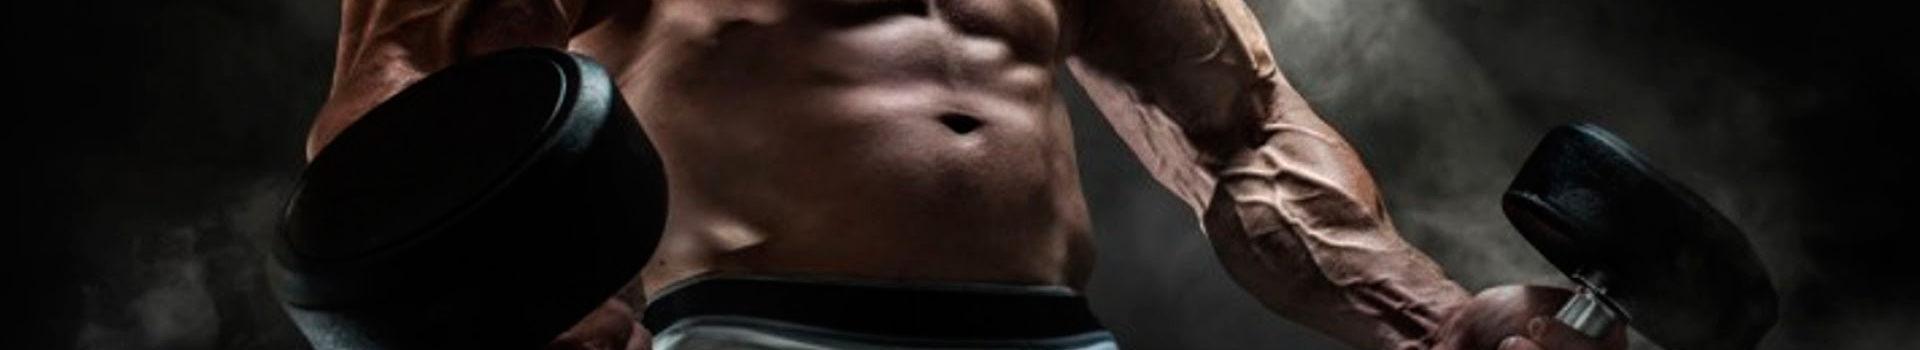 Entrenamiento de Biceps y Dieta